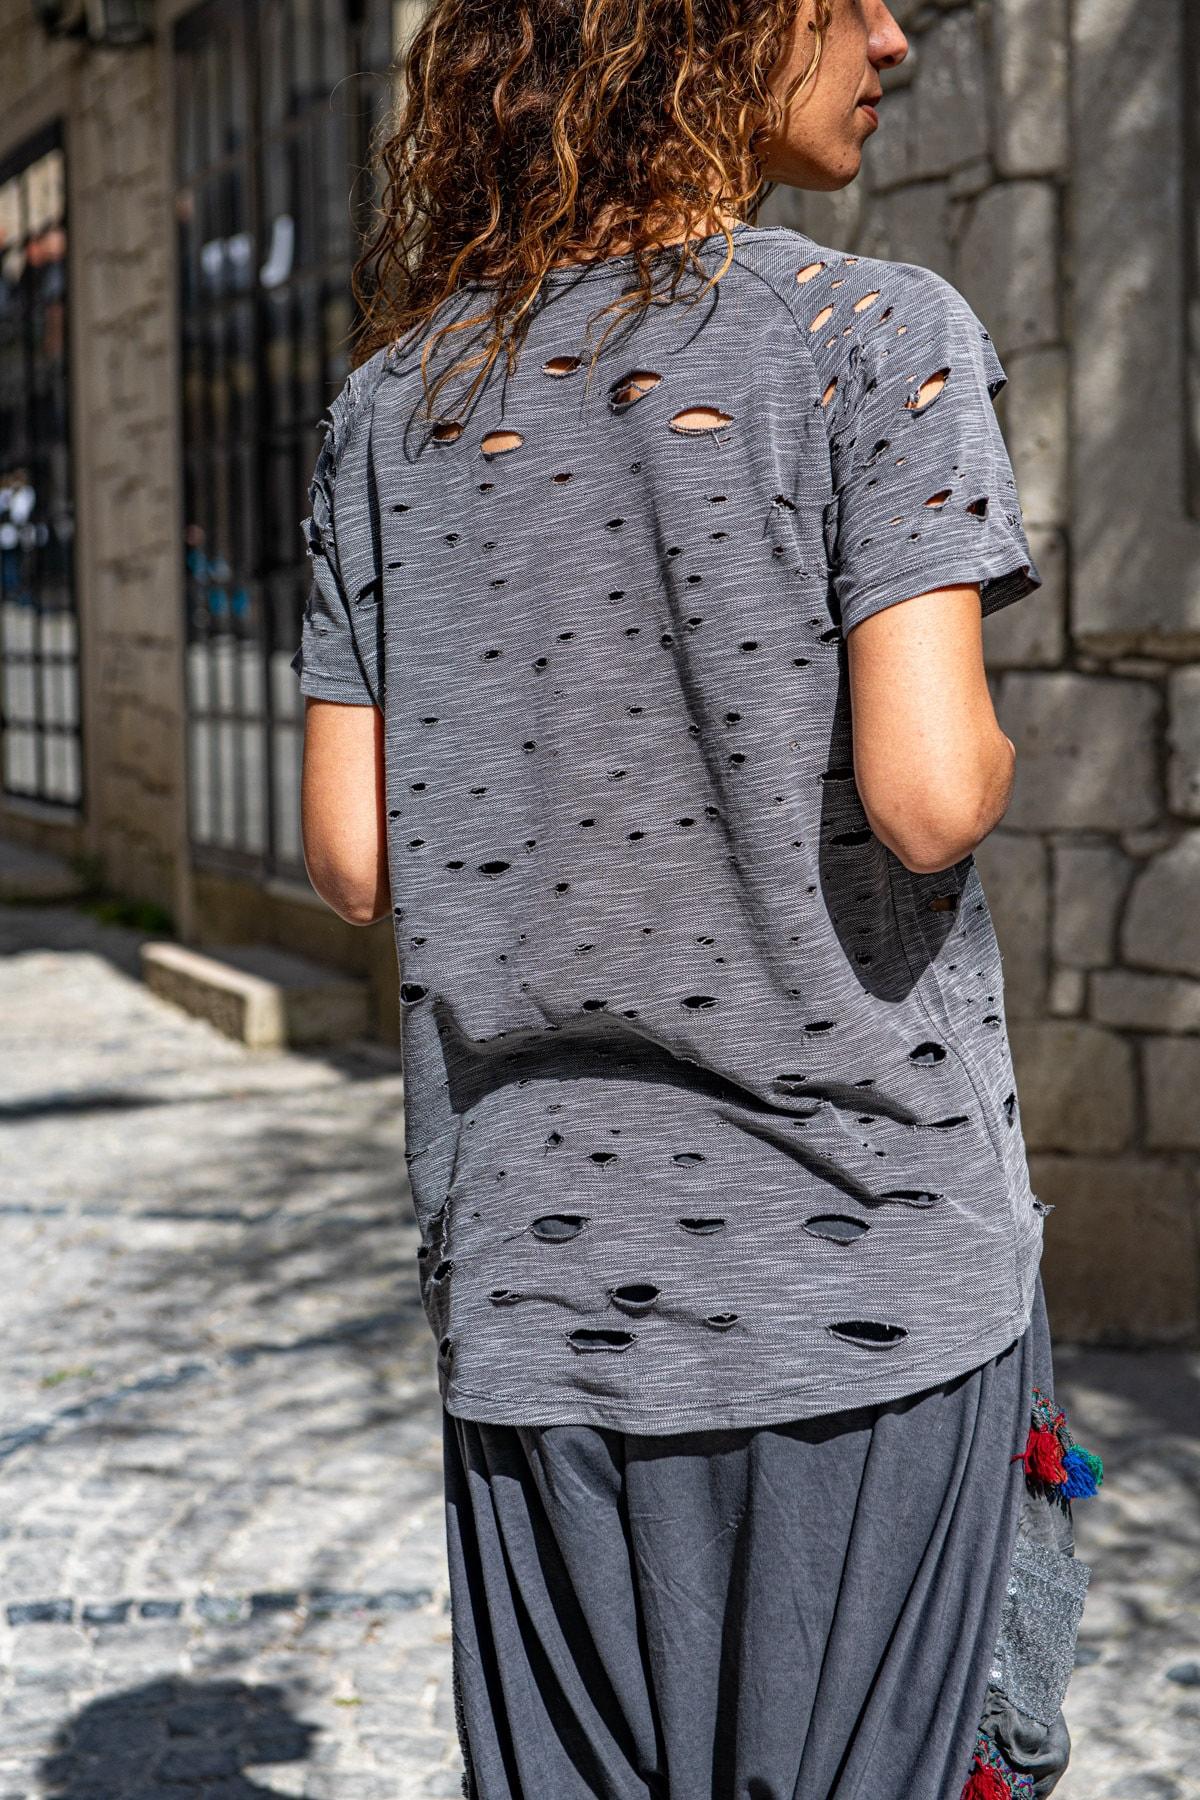 Güneşkızı Kadın Antrasit Yıkamalı Yırtıklı Baskılı Salaş T-Shirt GK-RSD2028 1